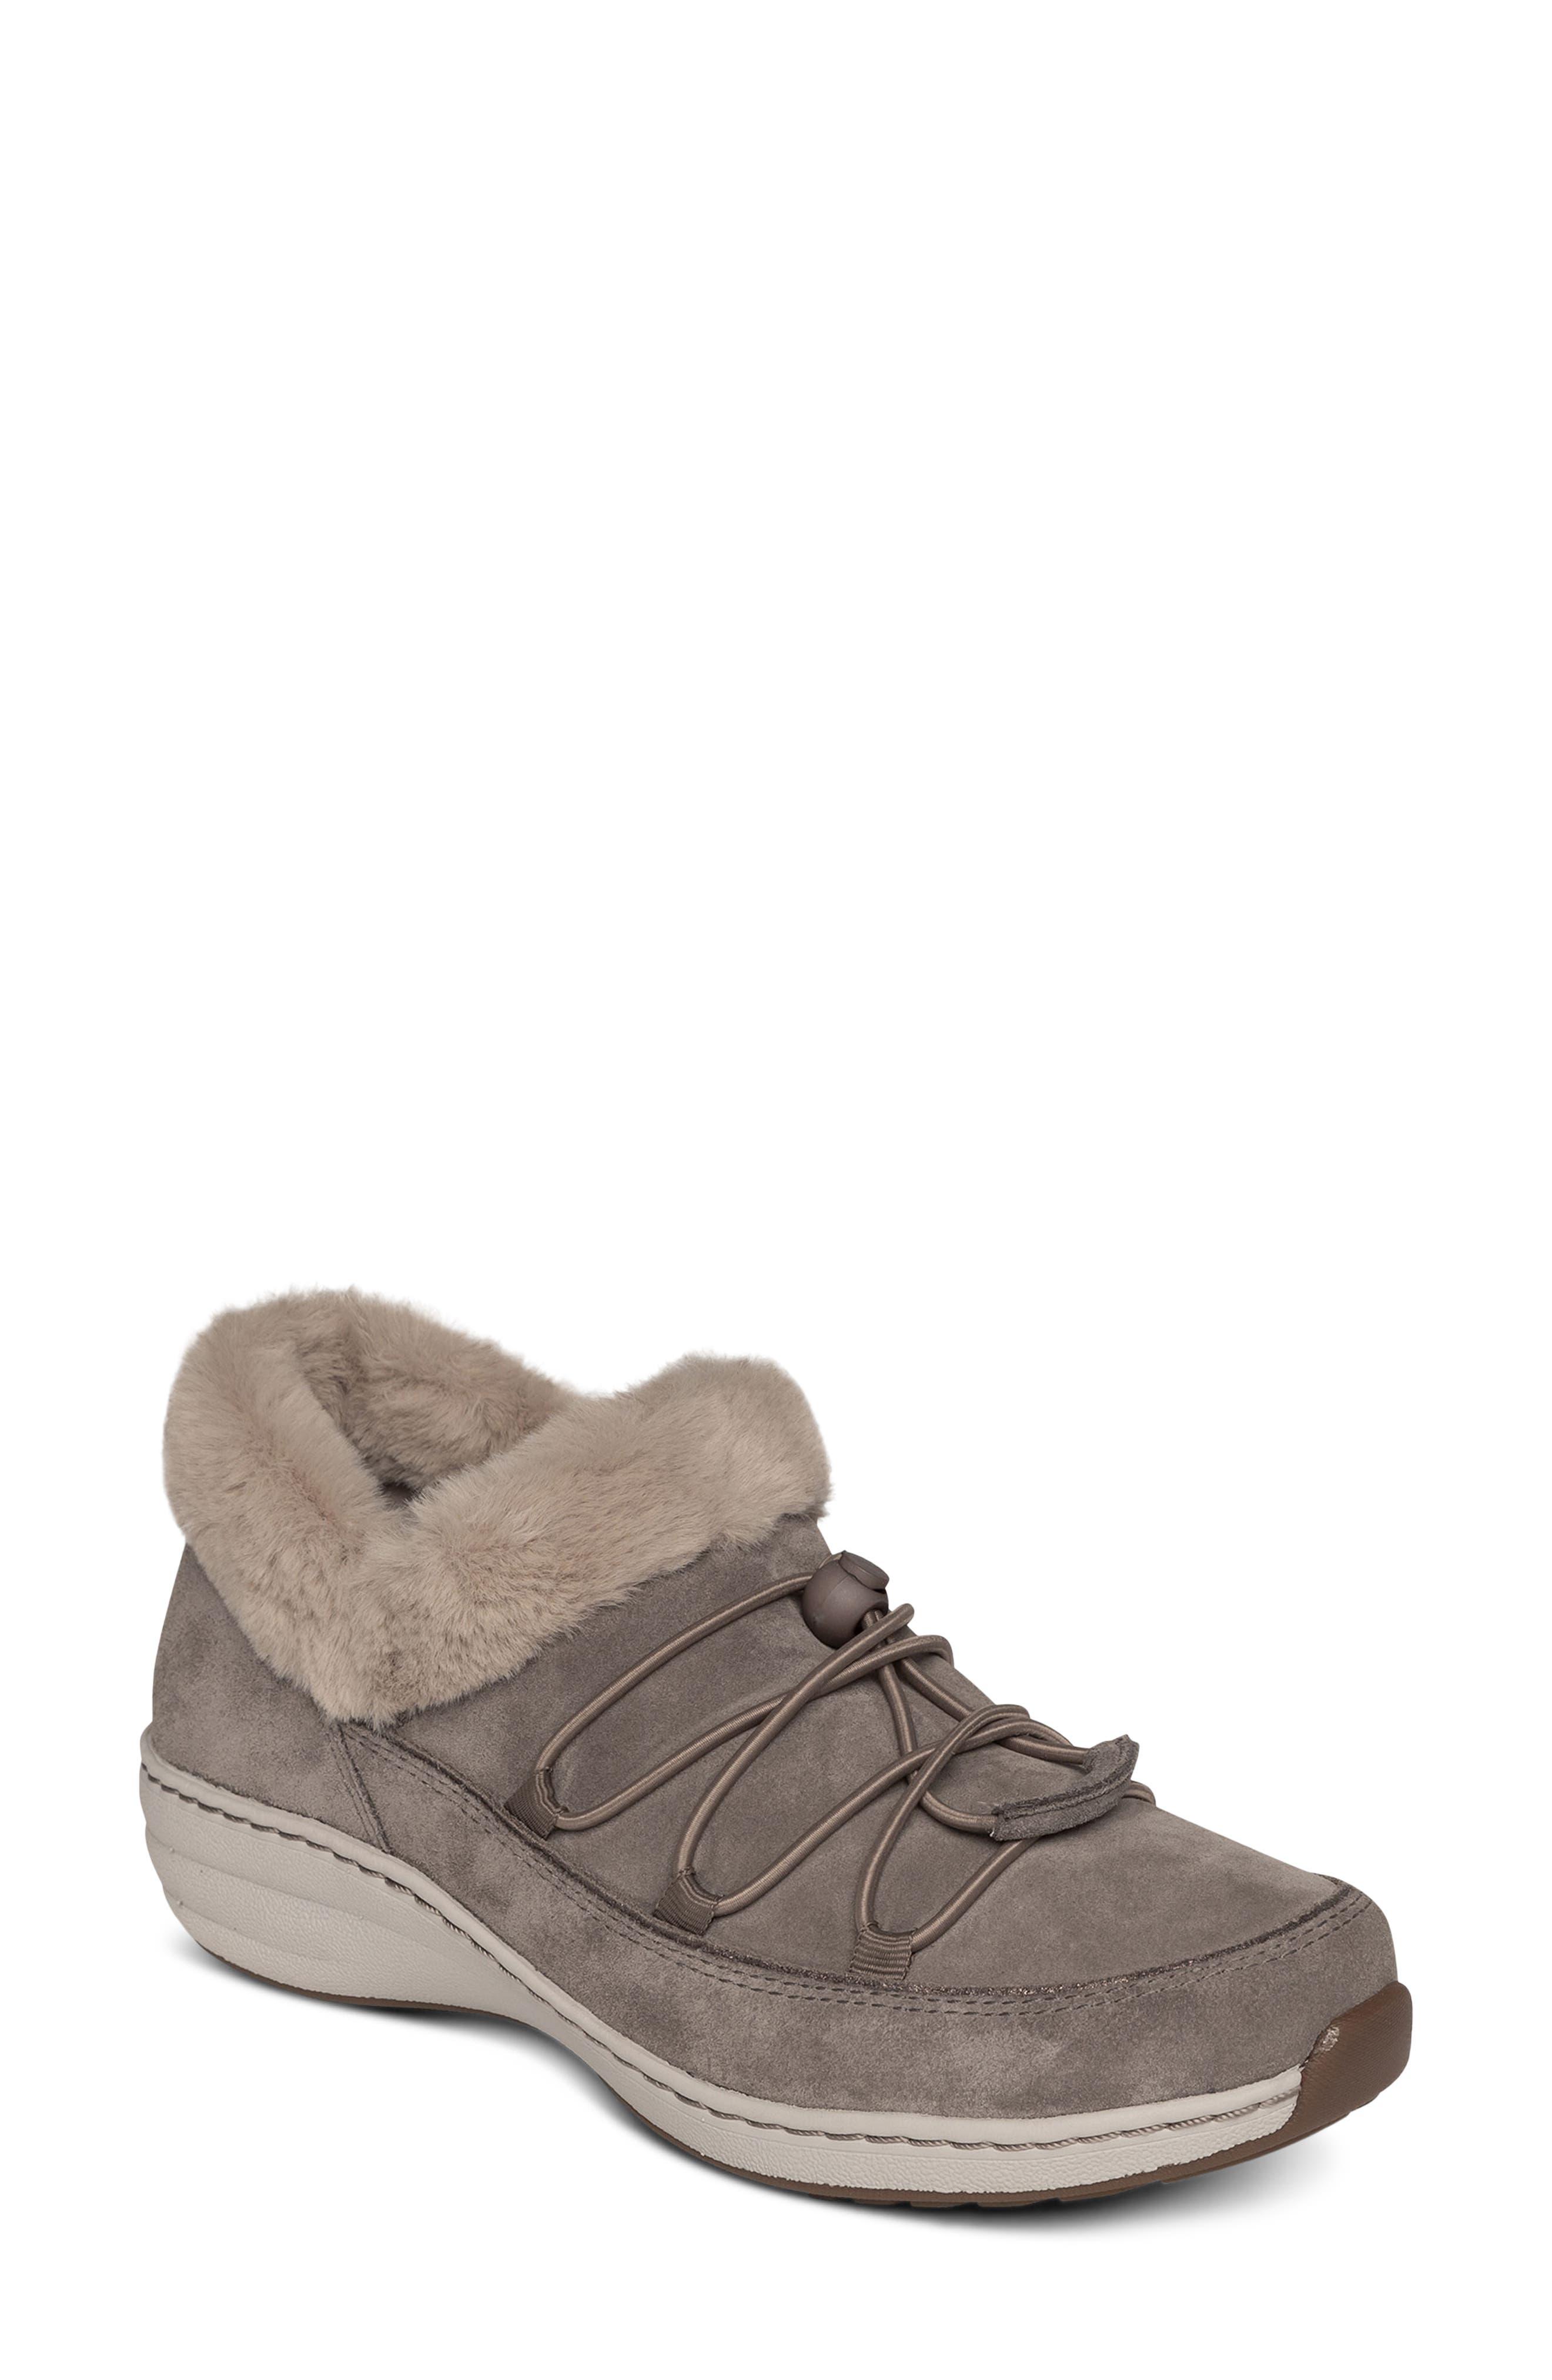 Chrissy Faux Fur Lined Sneaker